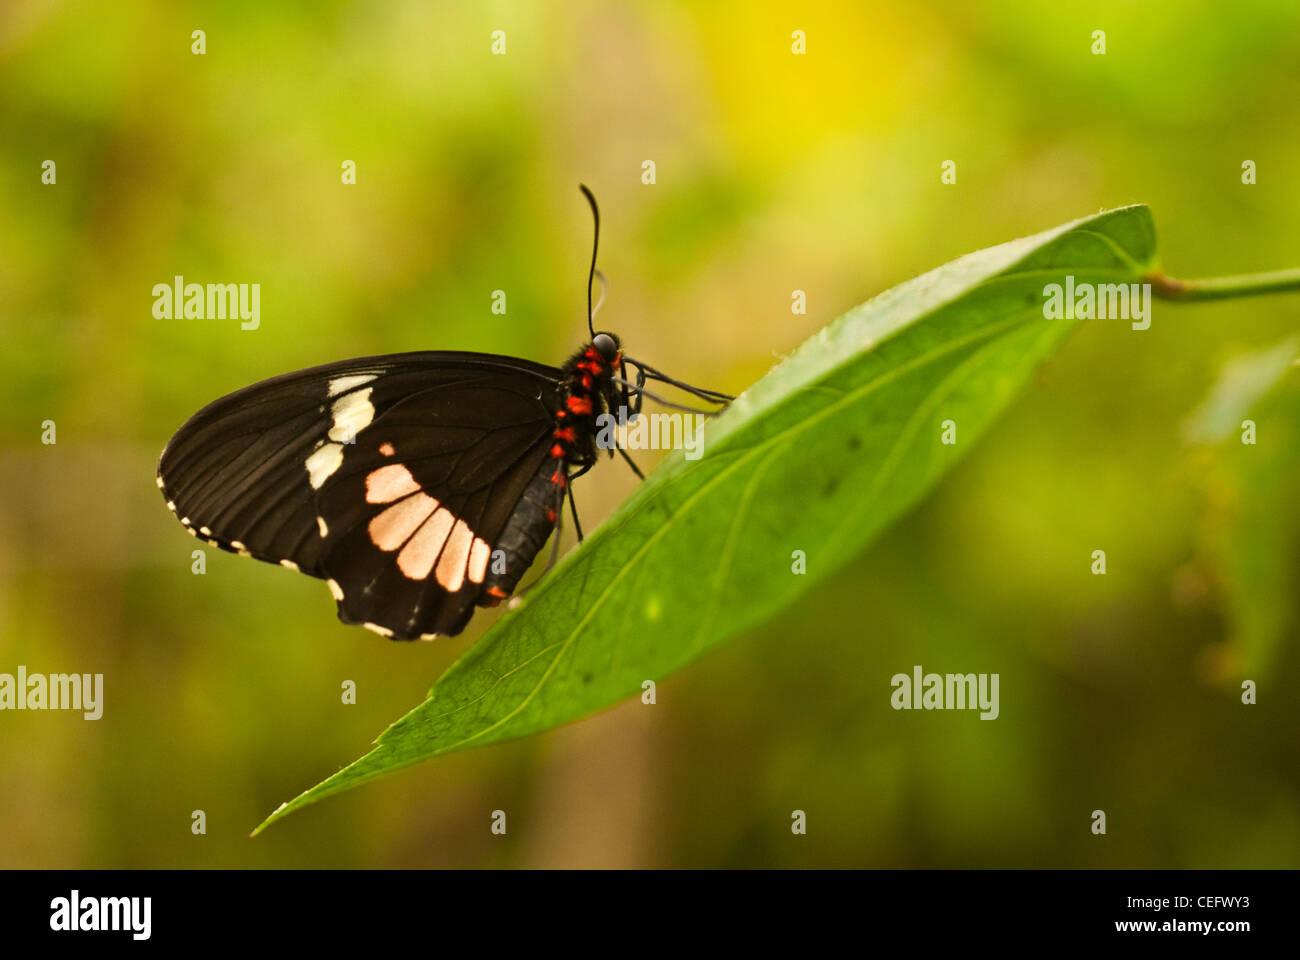 Una farfalla tropicale su una foglia verde. Sfondo verde. Immagini Stock